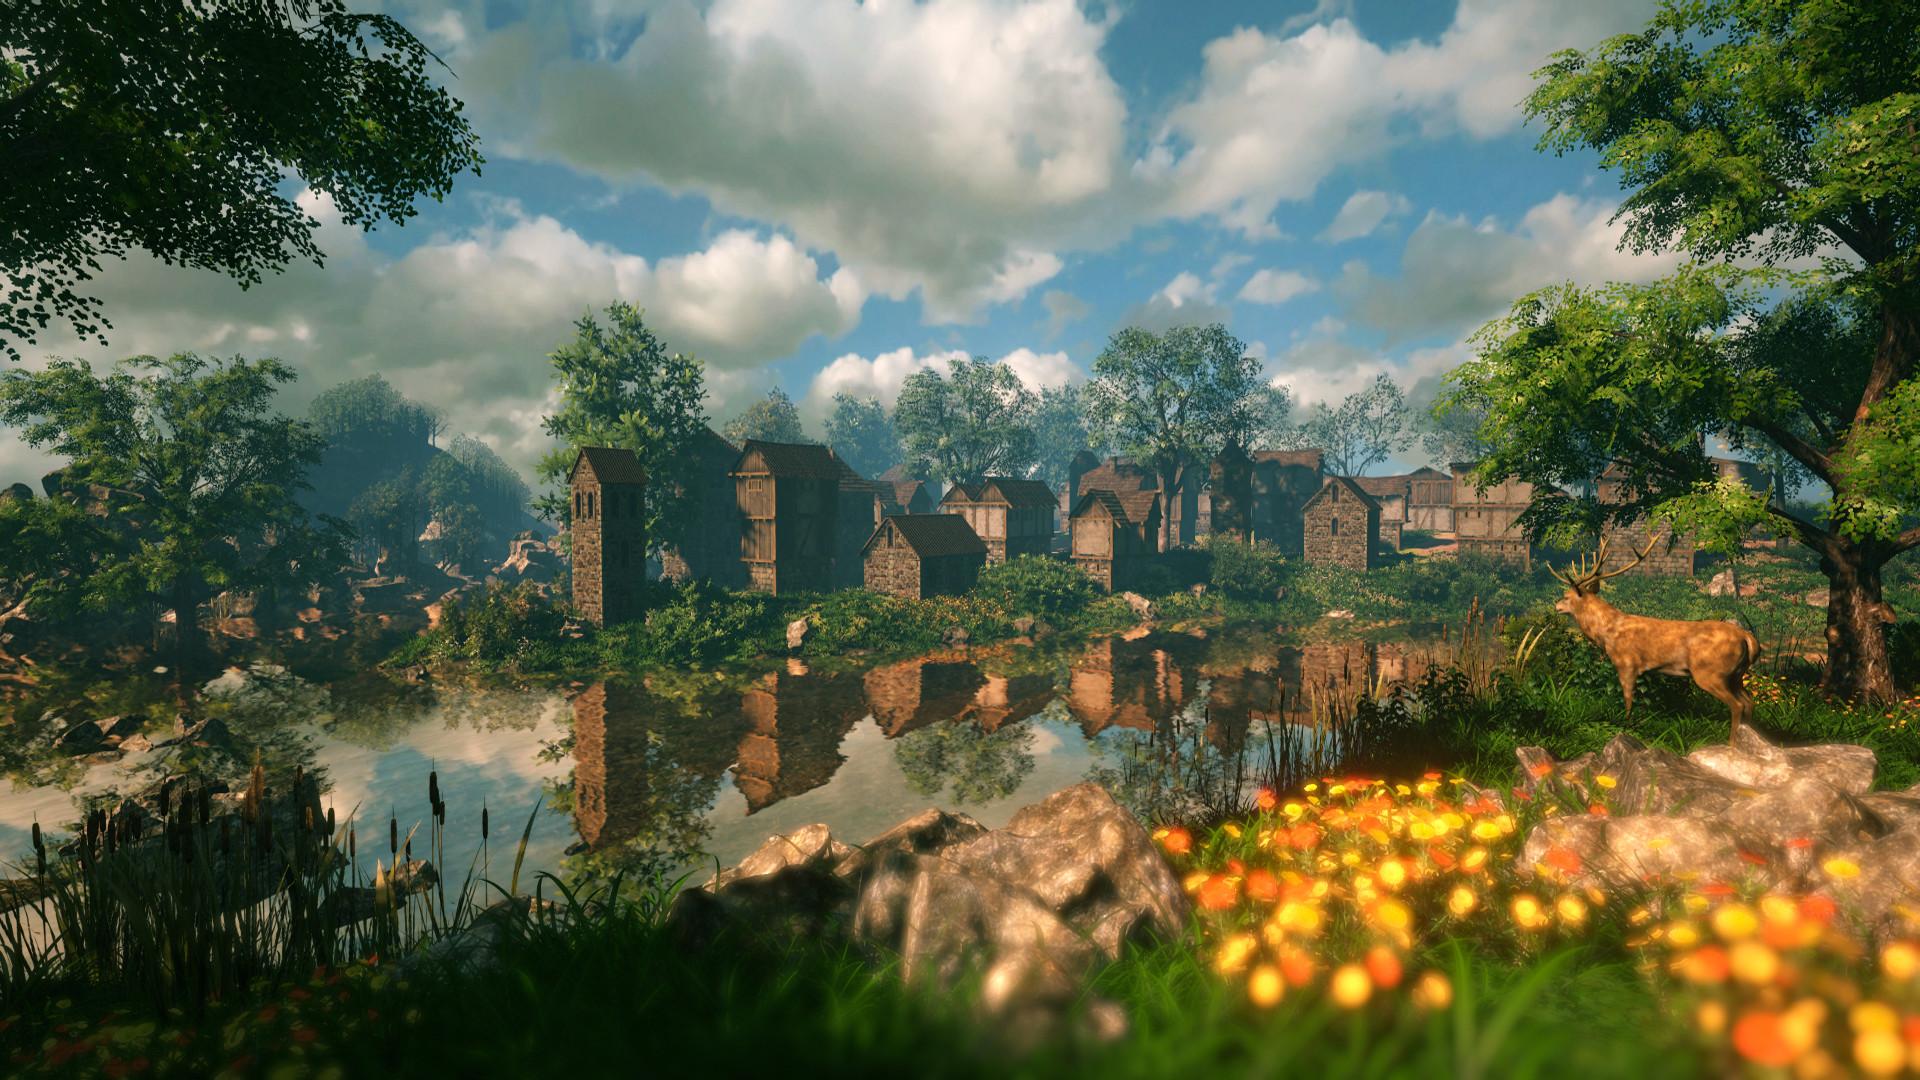 Link Tải Game FlowScape Miễn Phí Thành Công